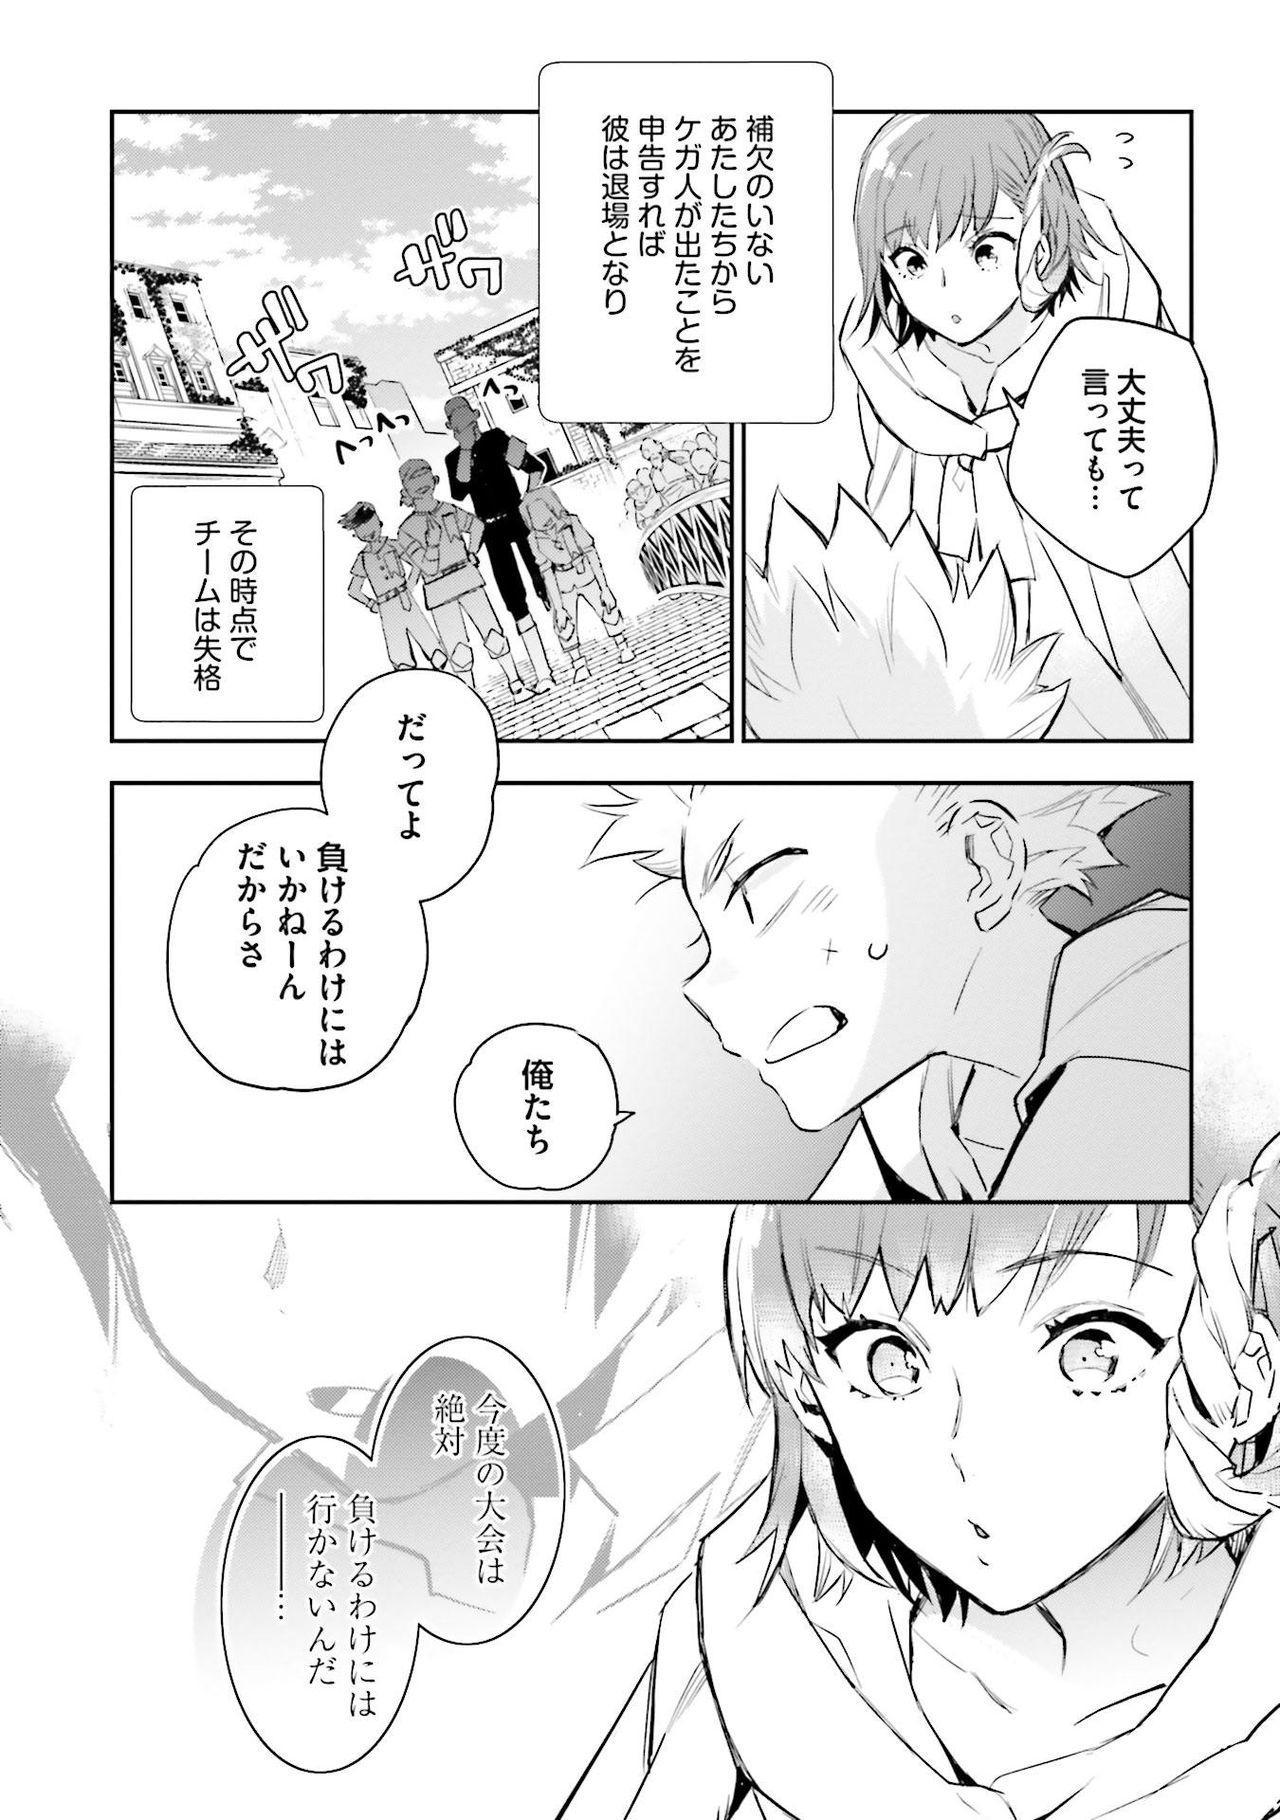 JK Haru wa Isekai de Shoufu ni Natta 1-14 384